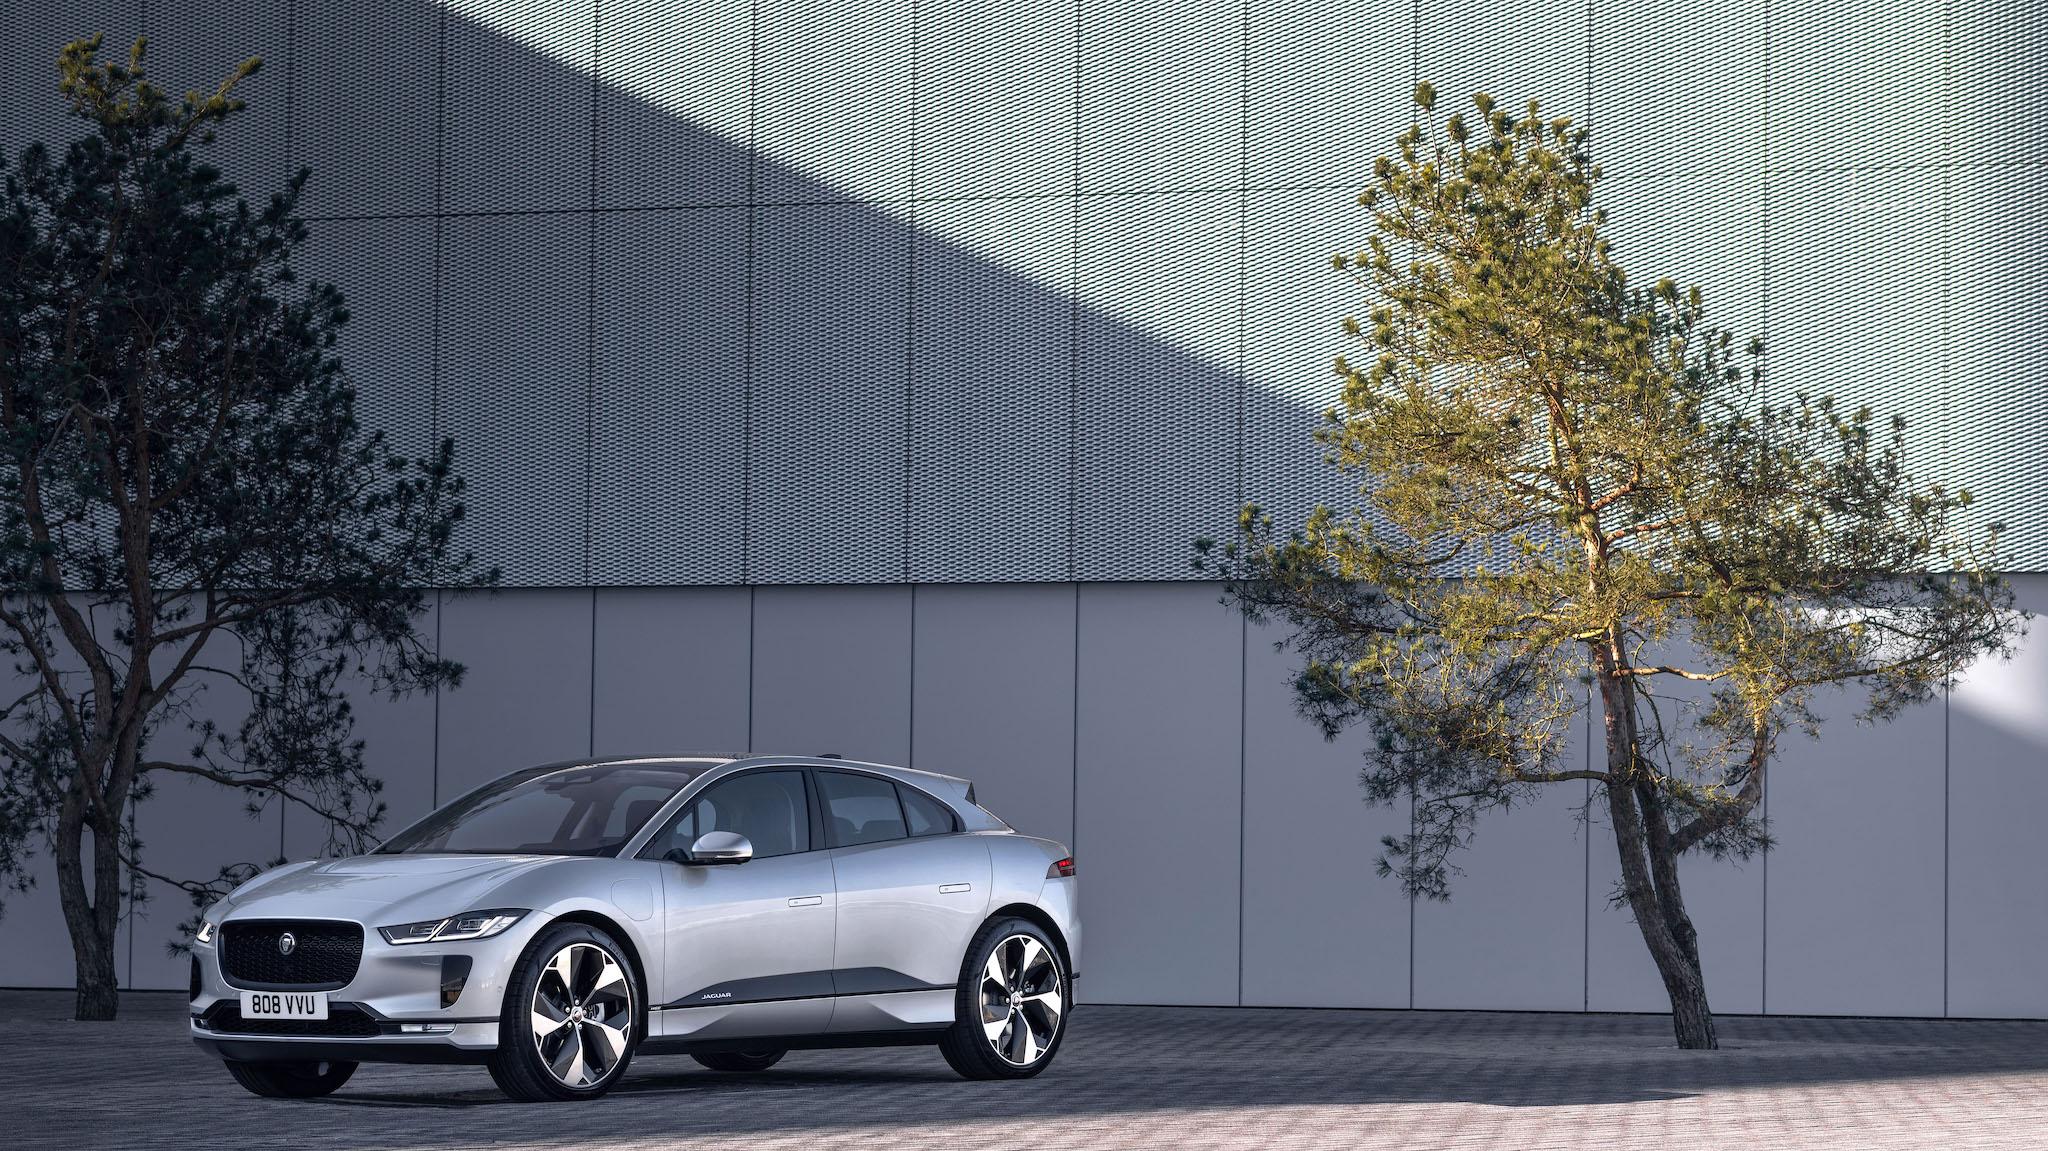 2021 年式 Jaguar I-PACE 外在更亮眼,內在更成熟